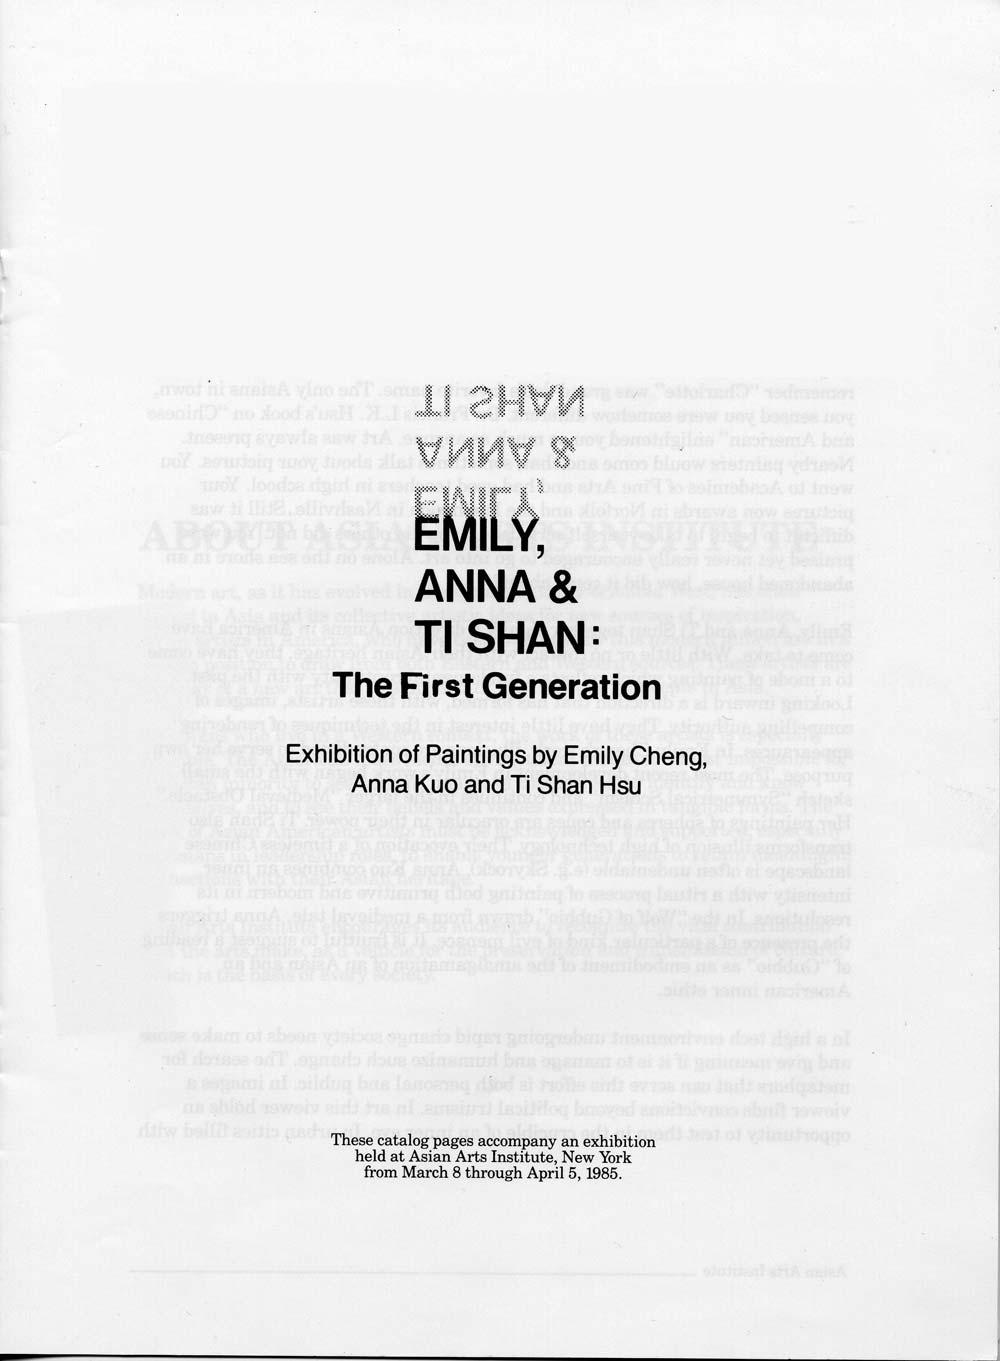 Emily, Anna & Ti Shan, pg 2